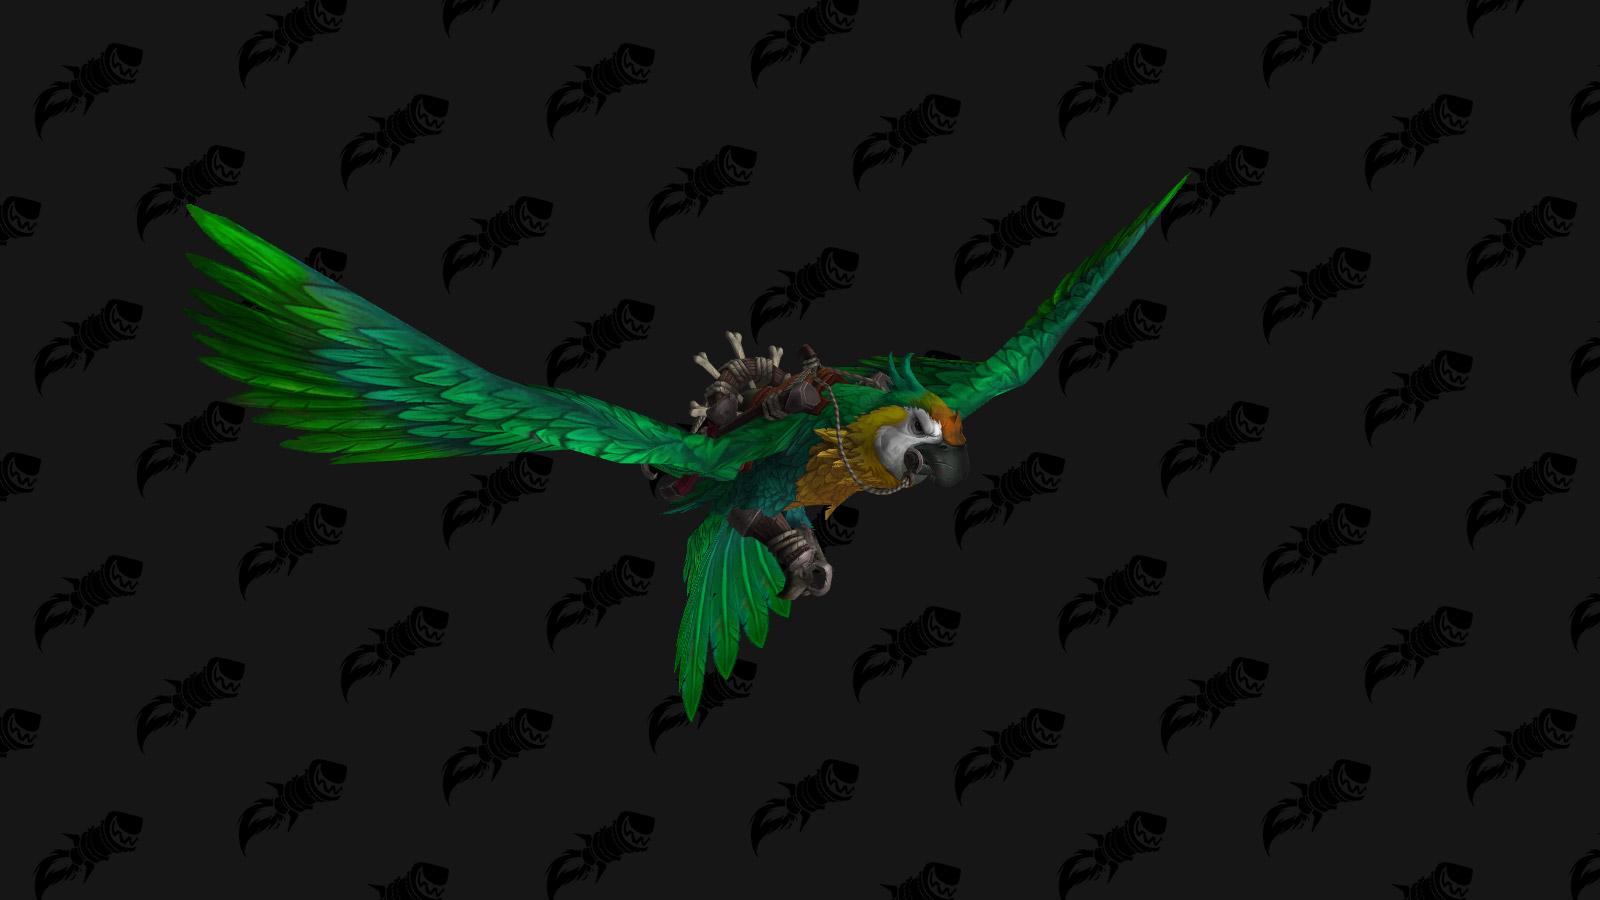 Monture perroquet géant vert - Battle for Azeroth